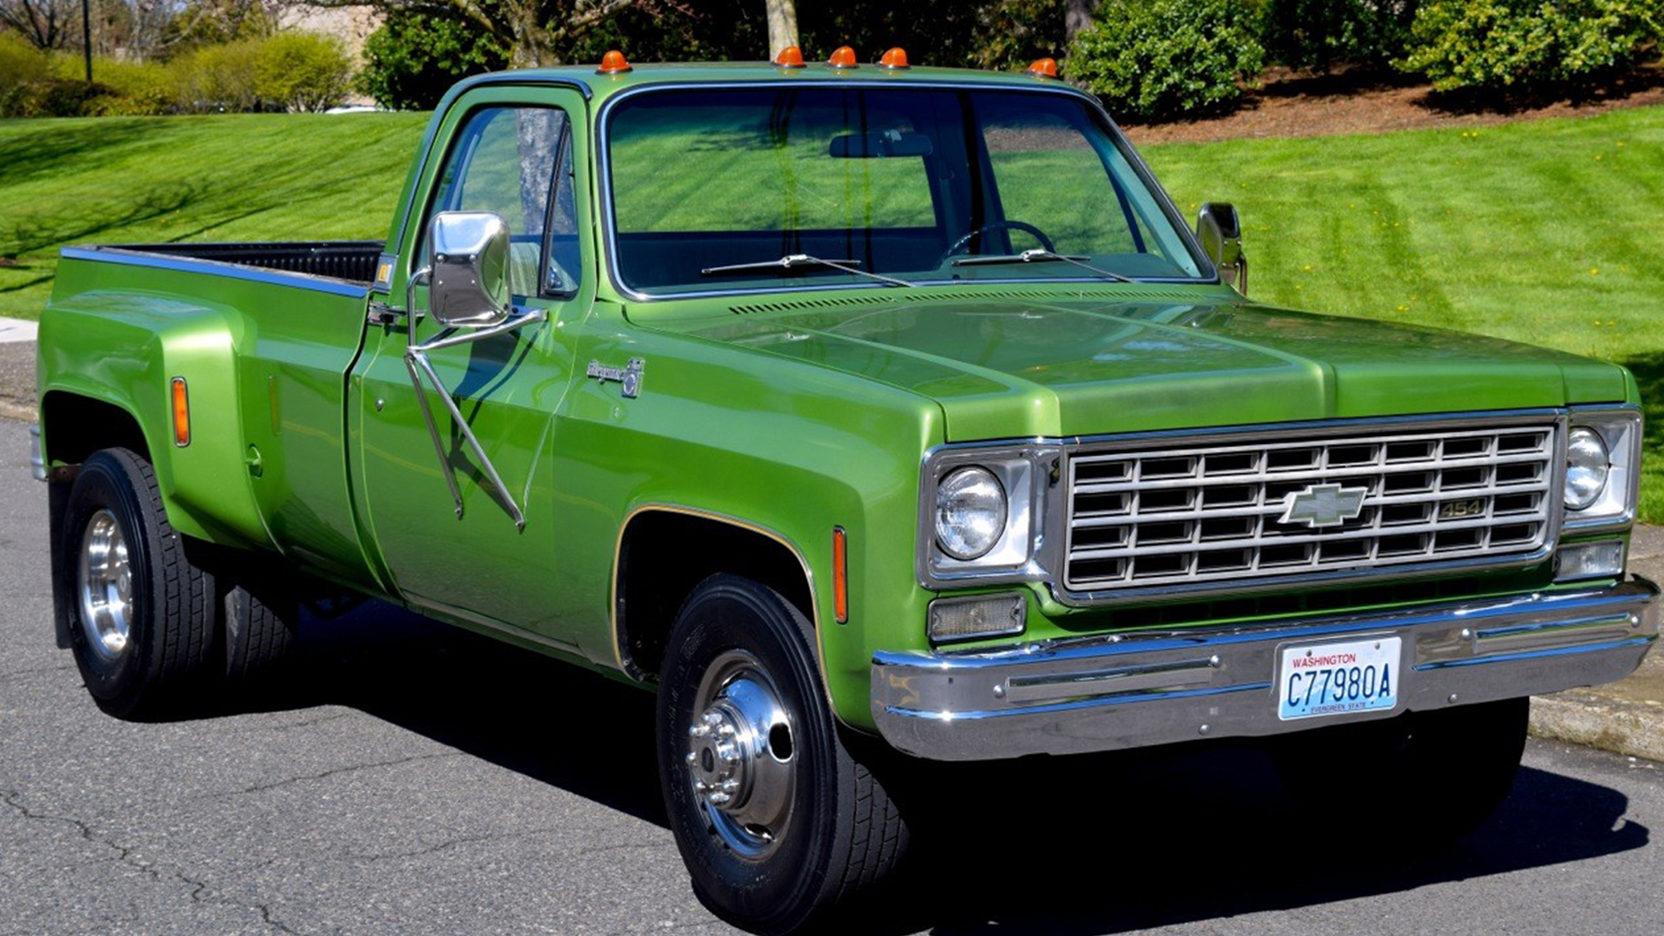 1976 Chevy C30 Crew Cab My Dream Car Chevrolet Cheyenne Pickup F90 Portland 2017